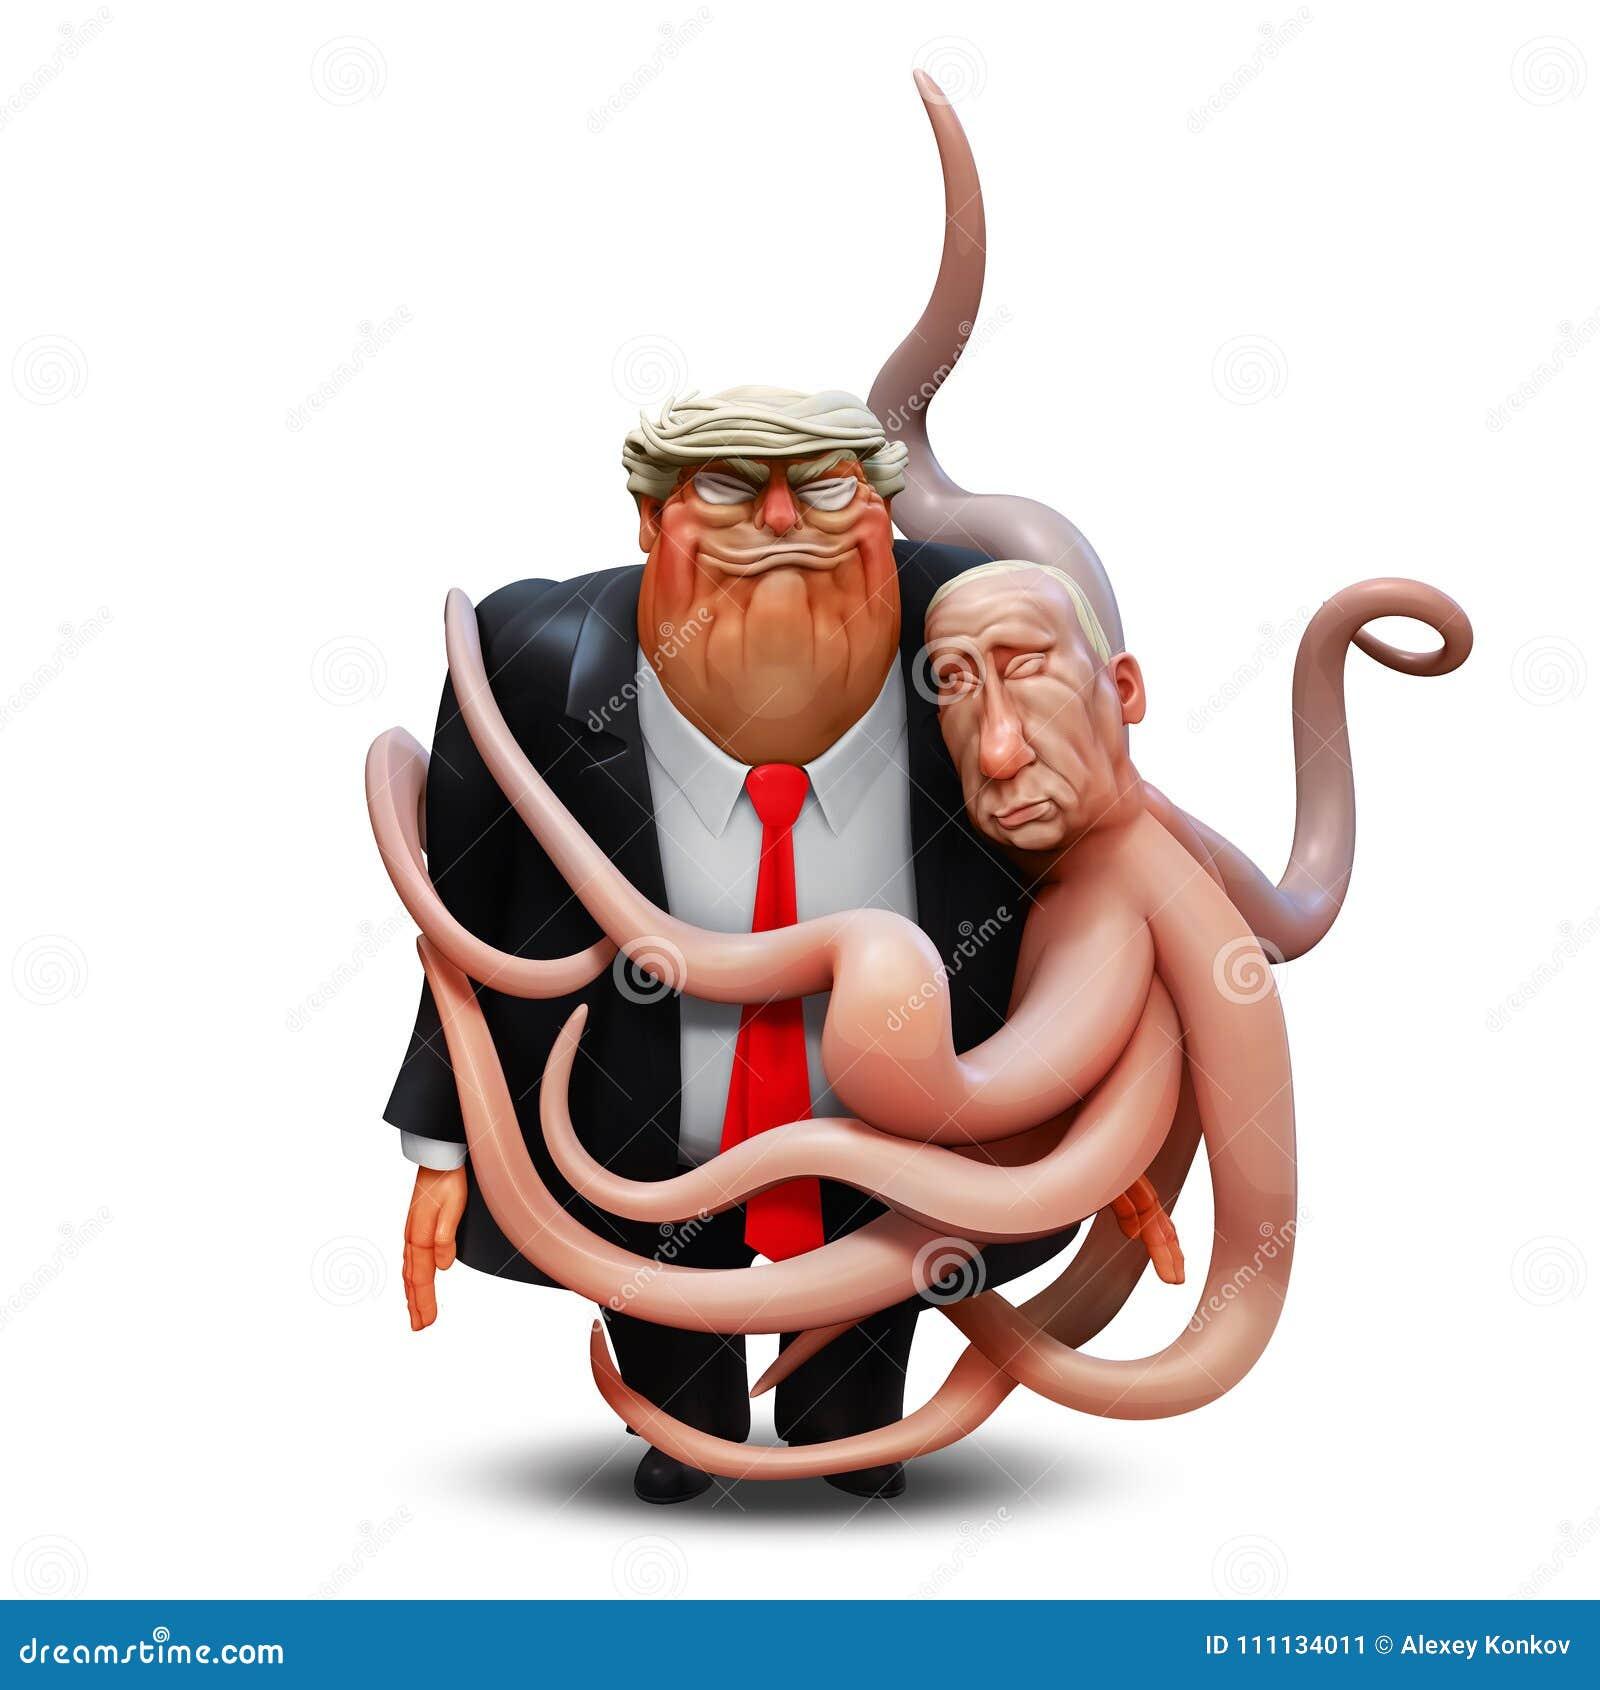 1º de março de 2018: O retrato pessoal de Donald Trump nos braços do polvo Vladimir Putin ilustração 3D